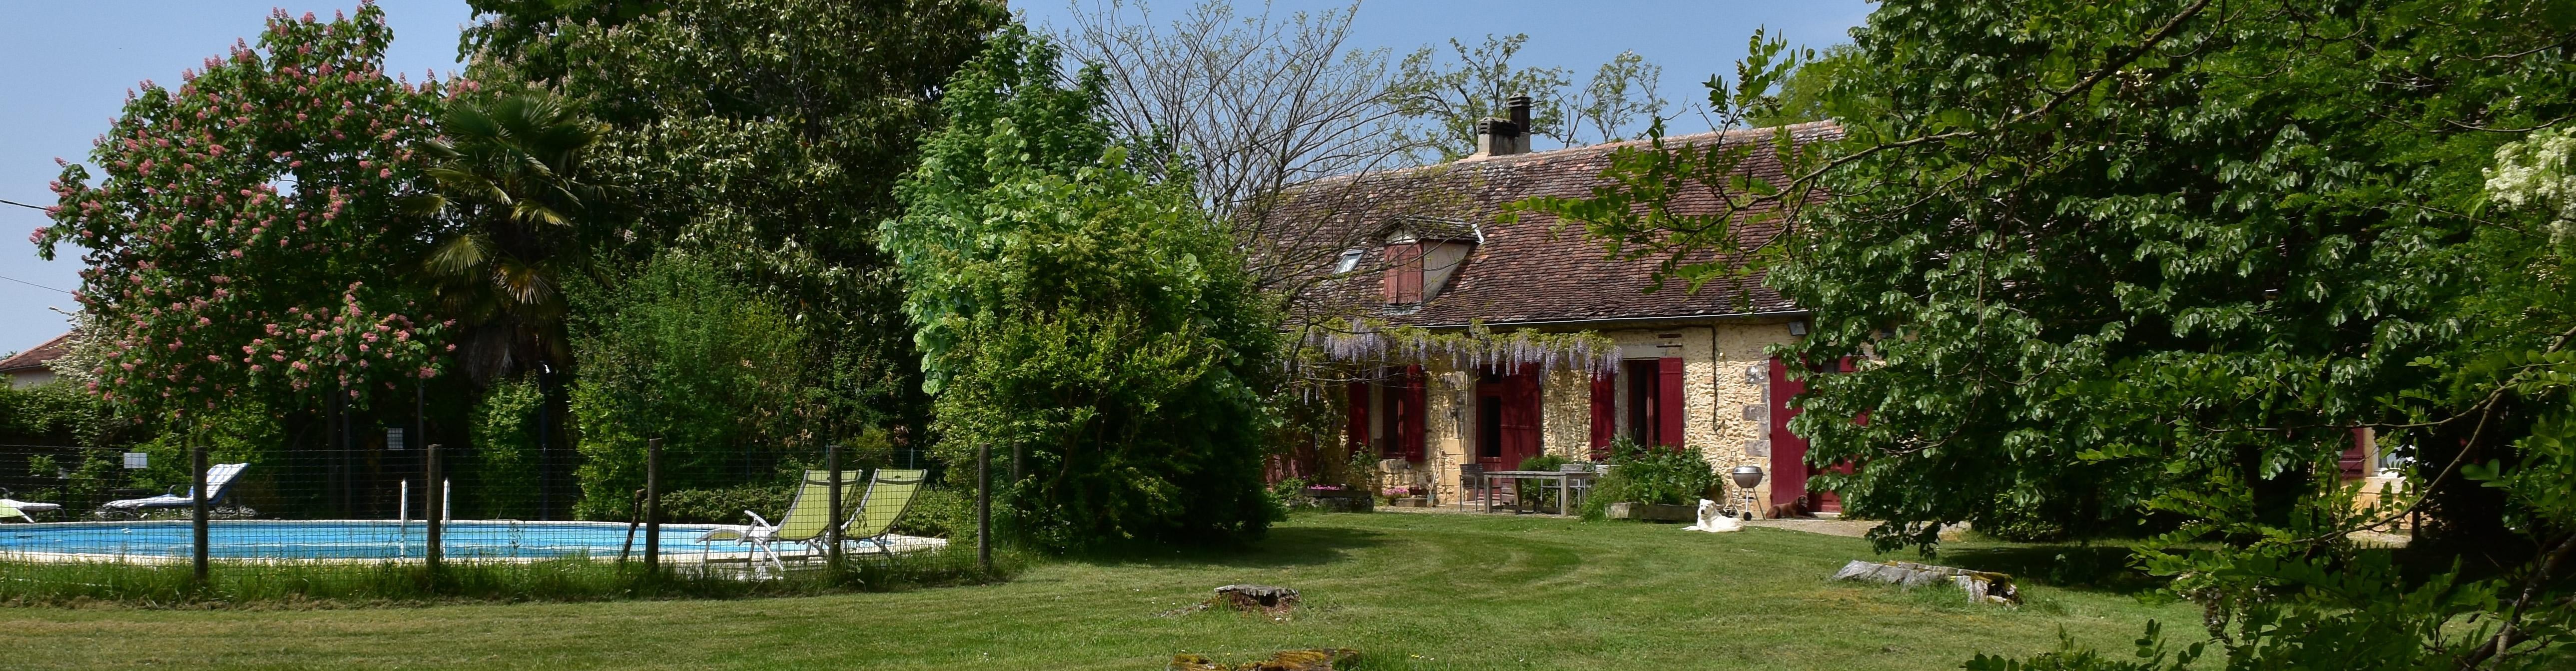 maison d'hôtes de Bergerac